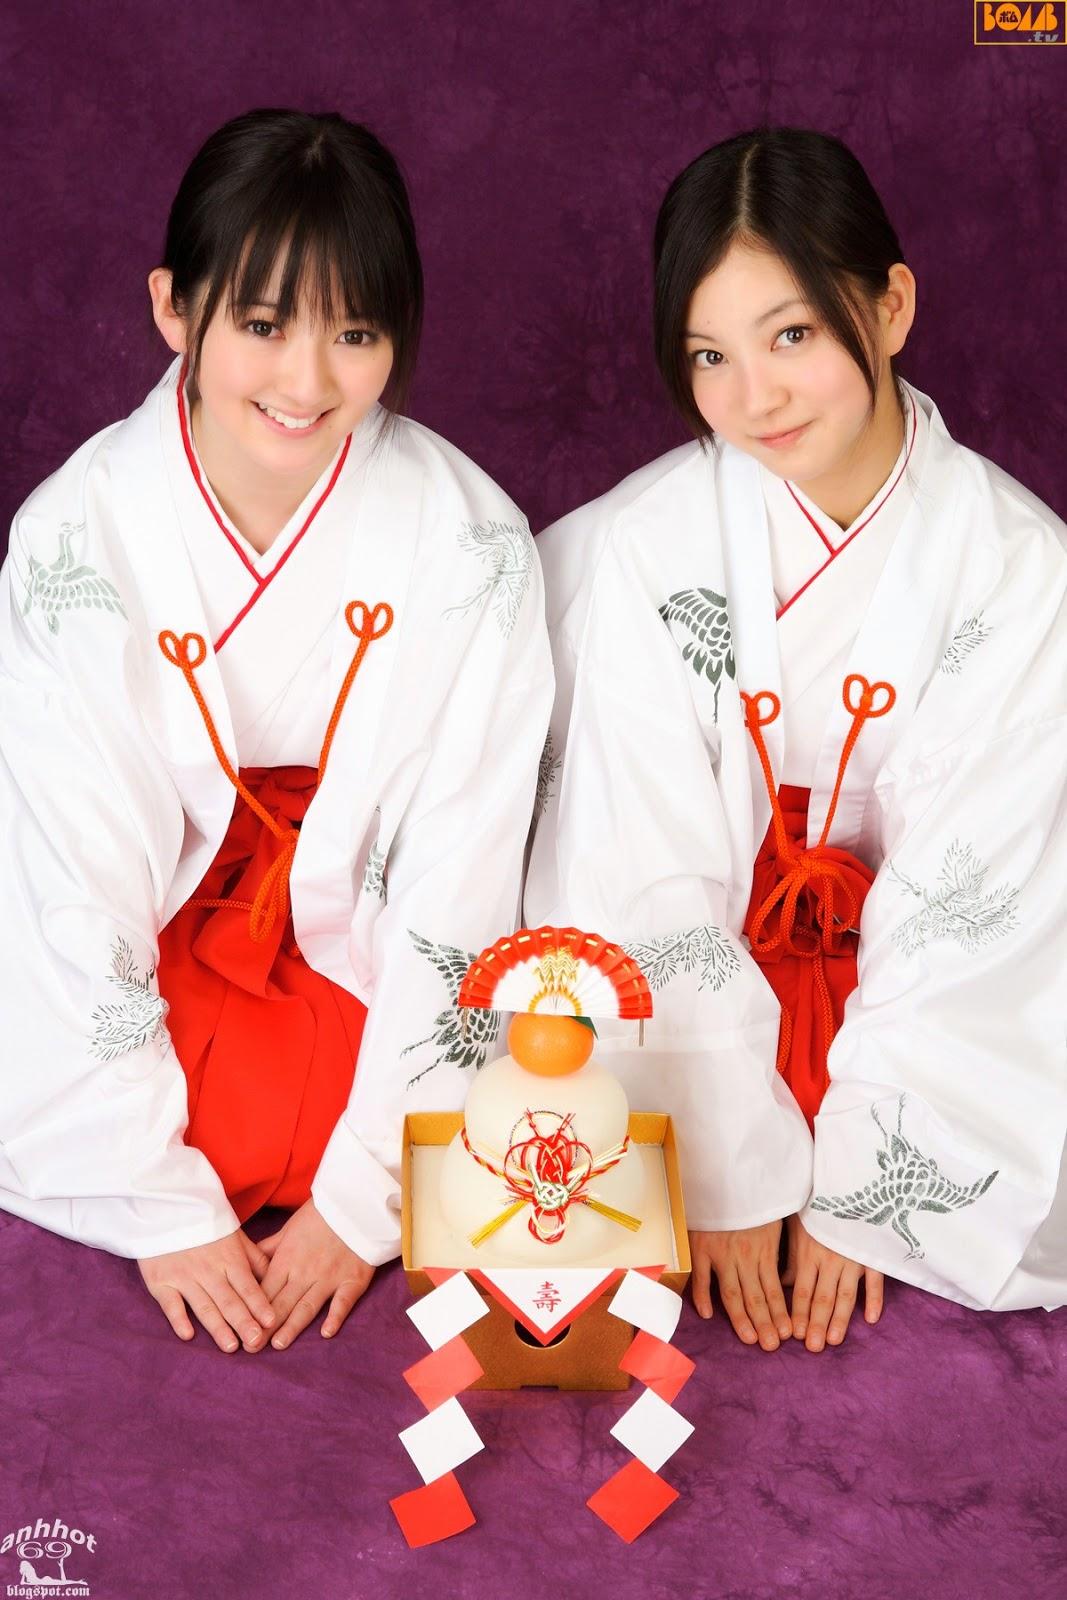 saki-takayama-01316318